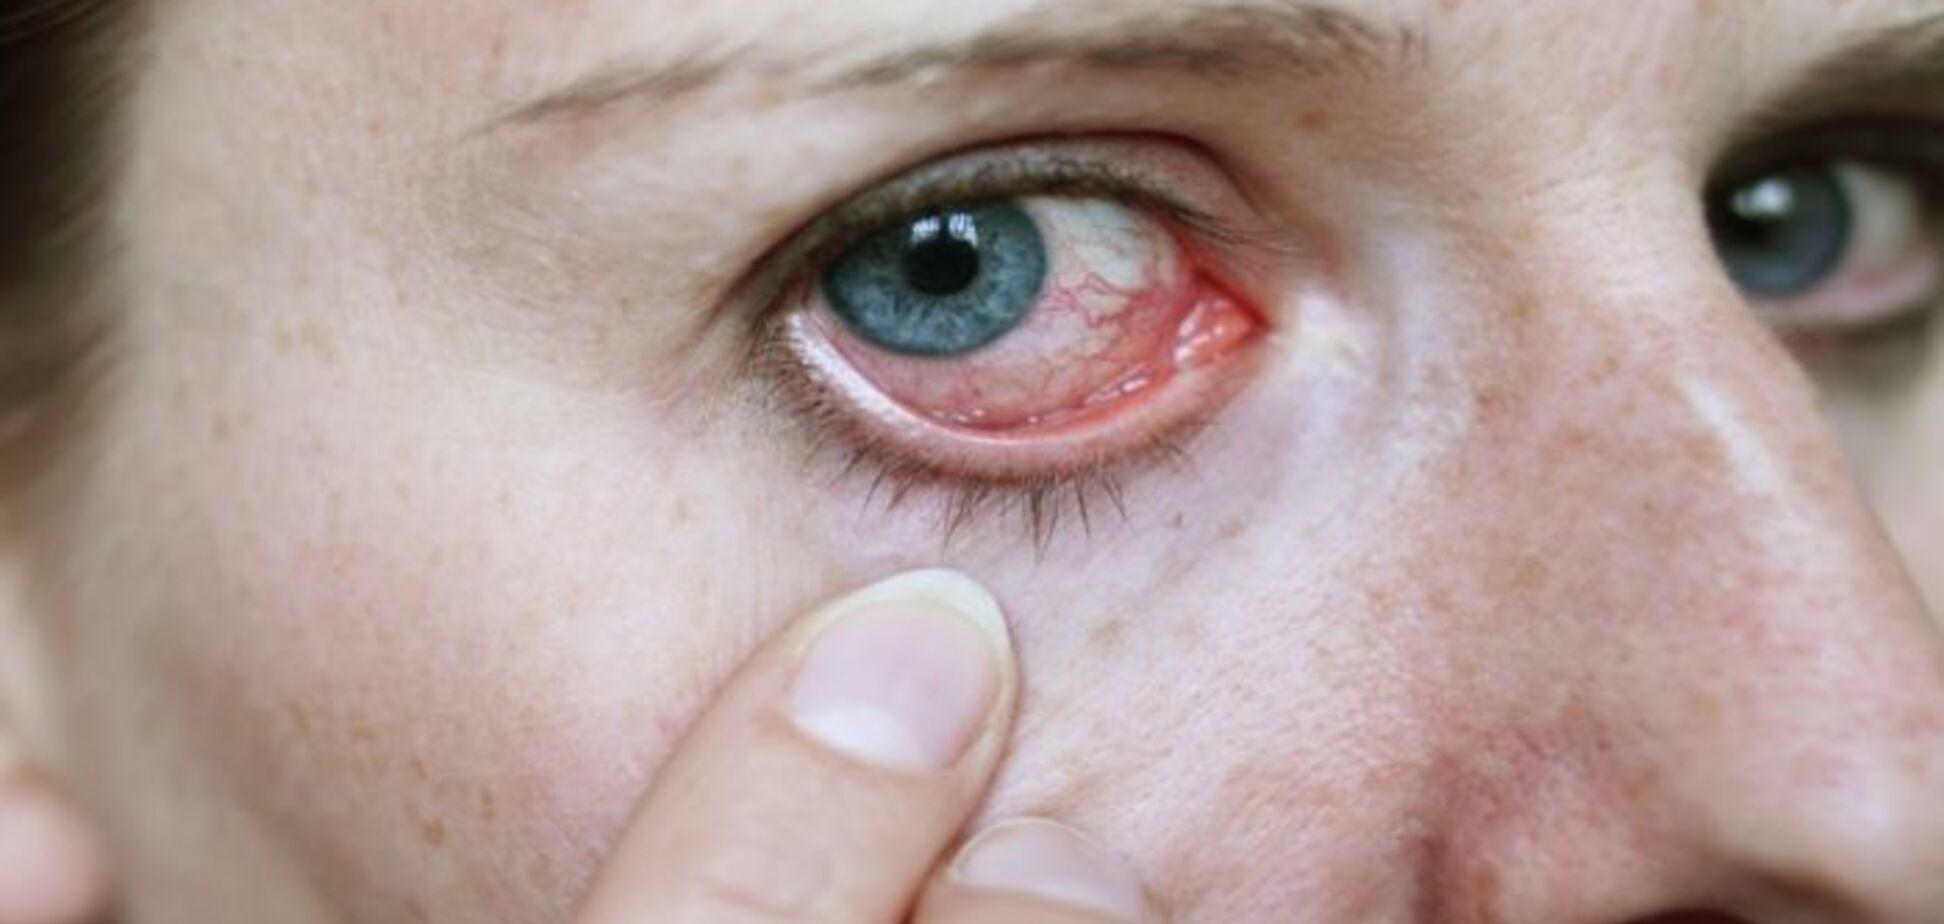 Действуют как зомби: в глазах человека найдены опасные аномальные клетки